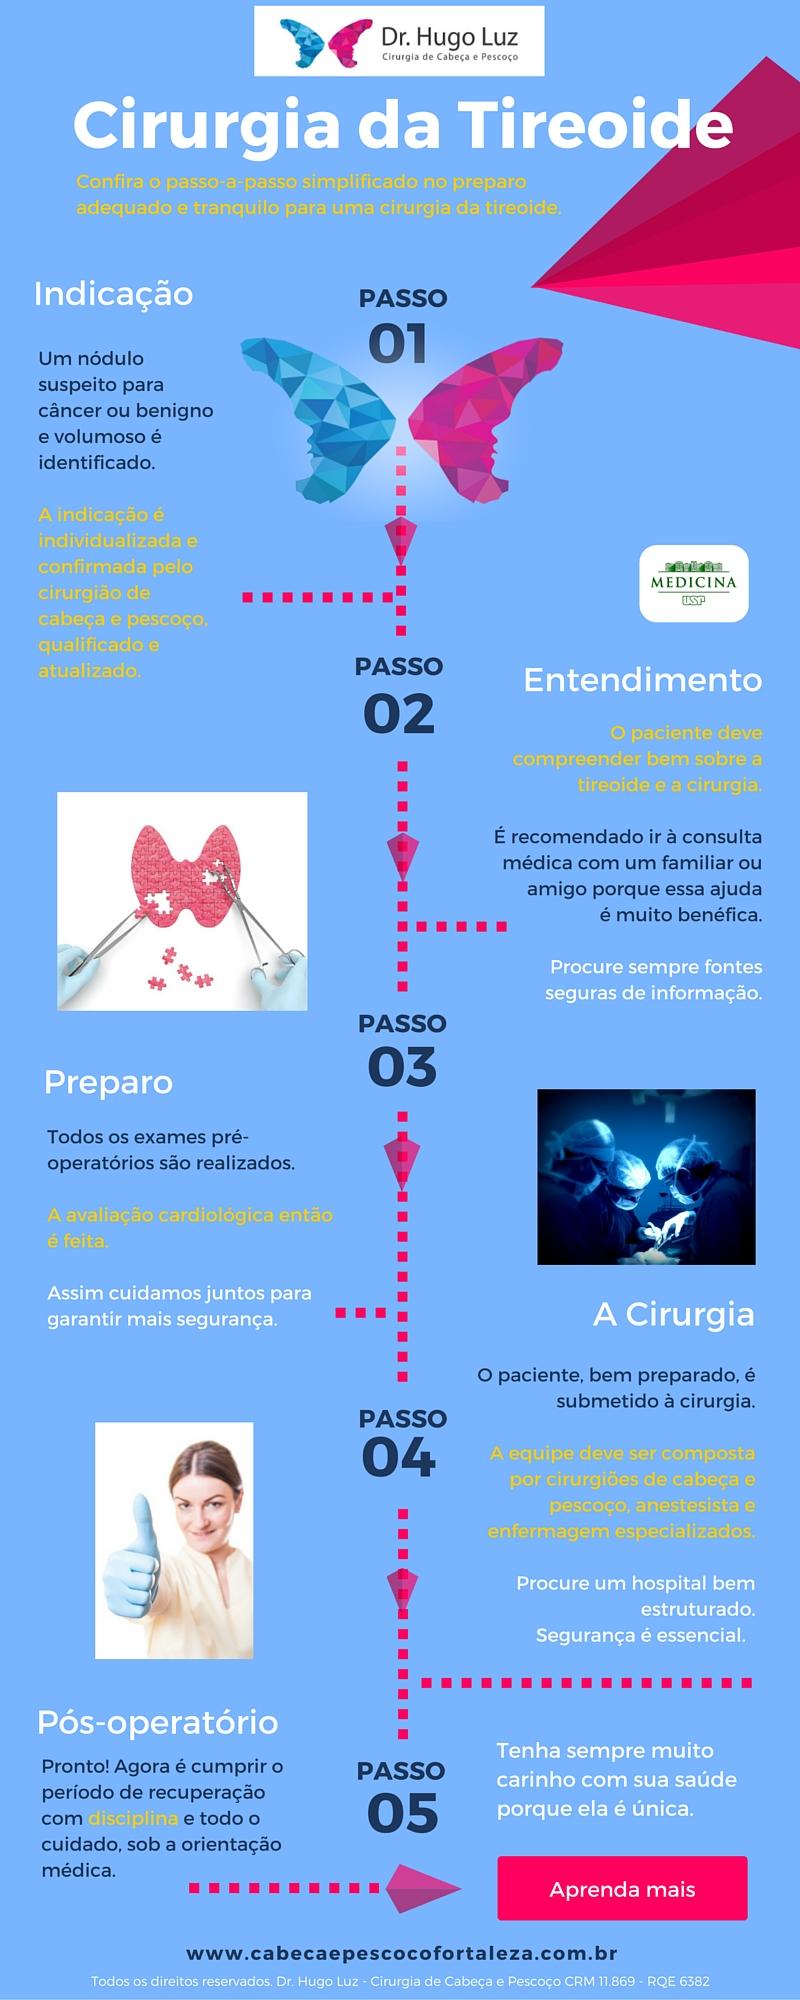 [Infográfico] Cirurgia da Tireoide